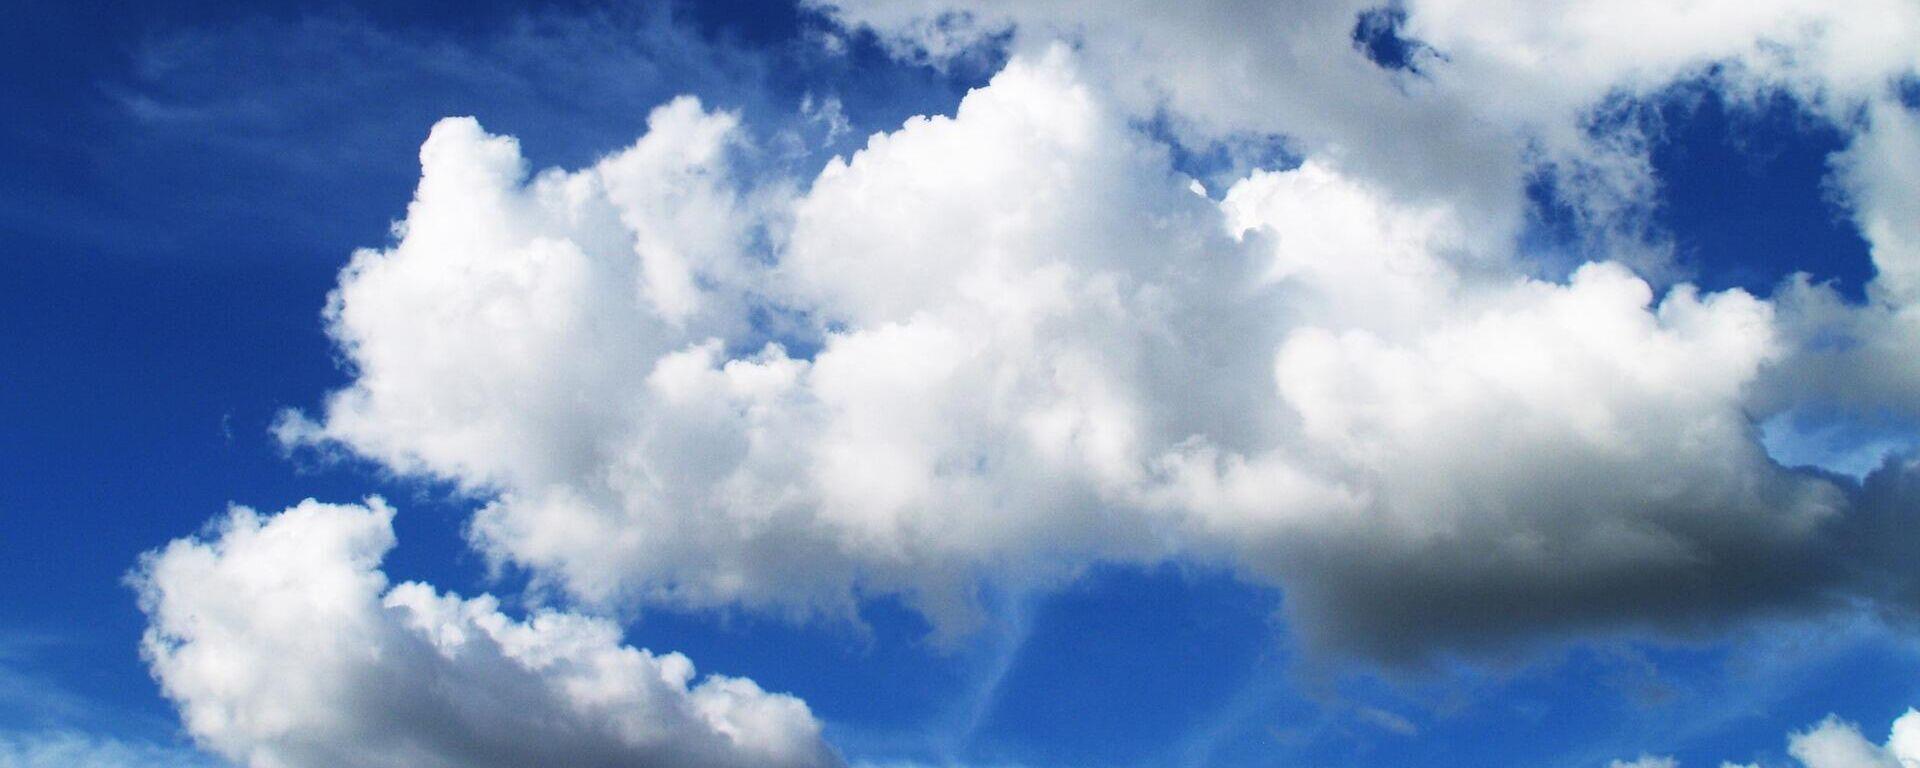 Wolken (Symbolbild) - SNA, 1920, 16.09.2021